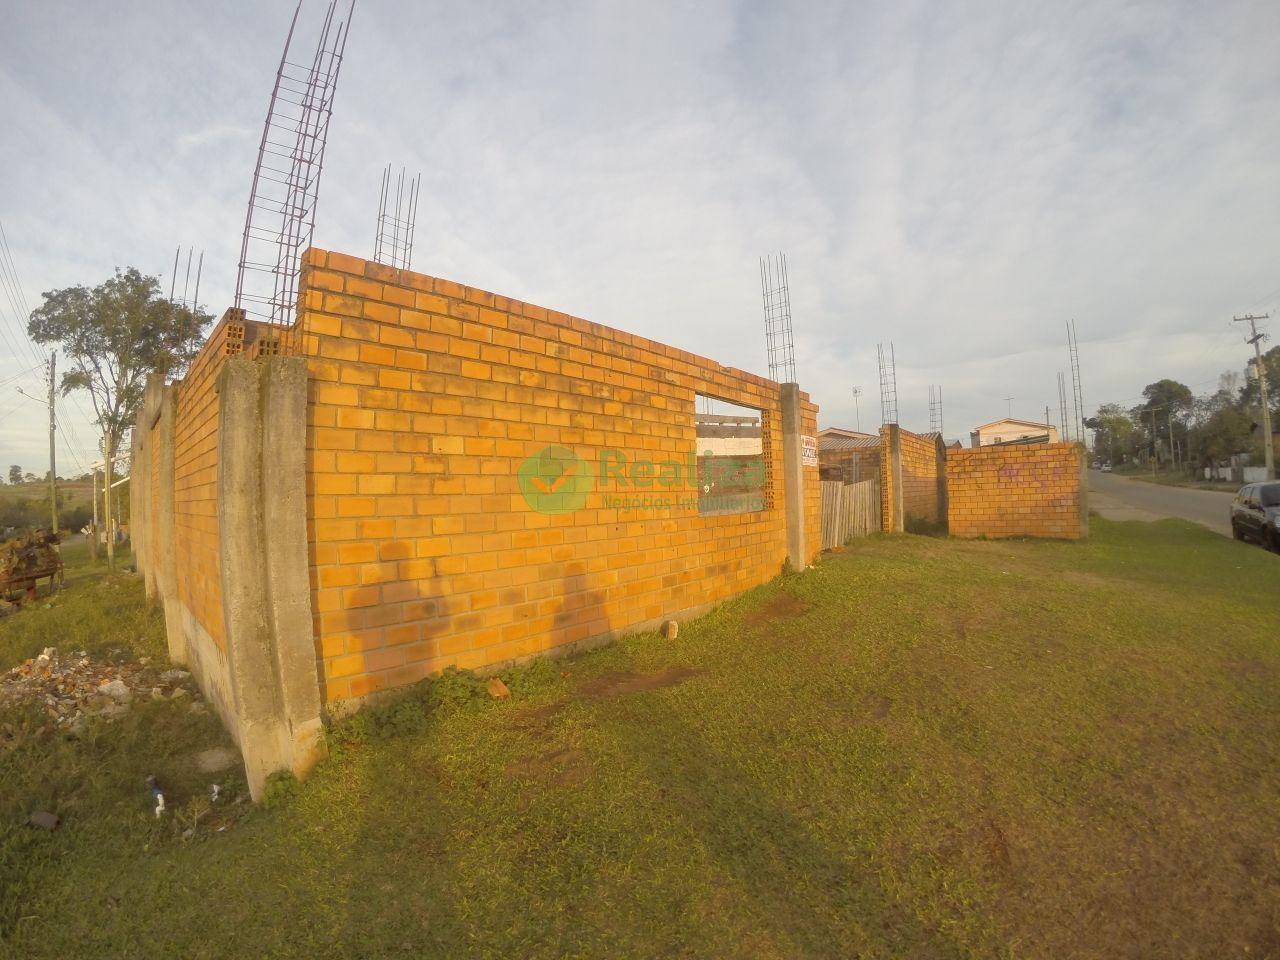 Pavilhão/galpão/depósito à venda  no Bom Retiro - Cachoeira do Sul, RS. Imóveis